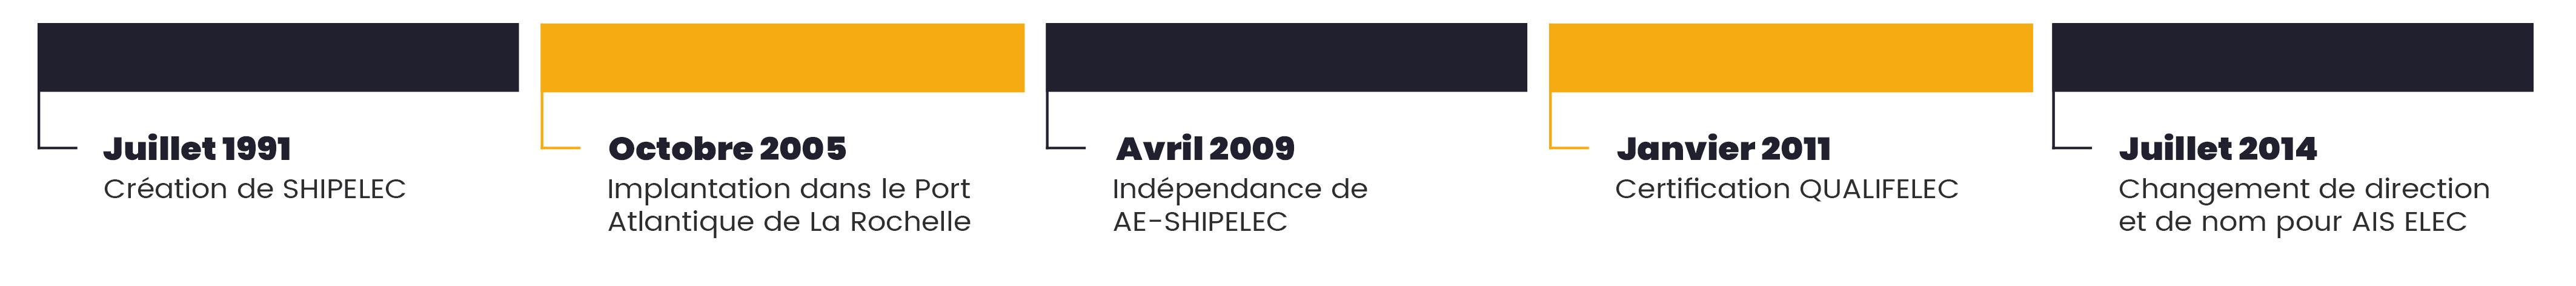 Historique de l'entreprise AIS ELEC